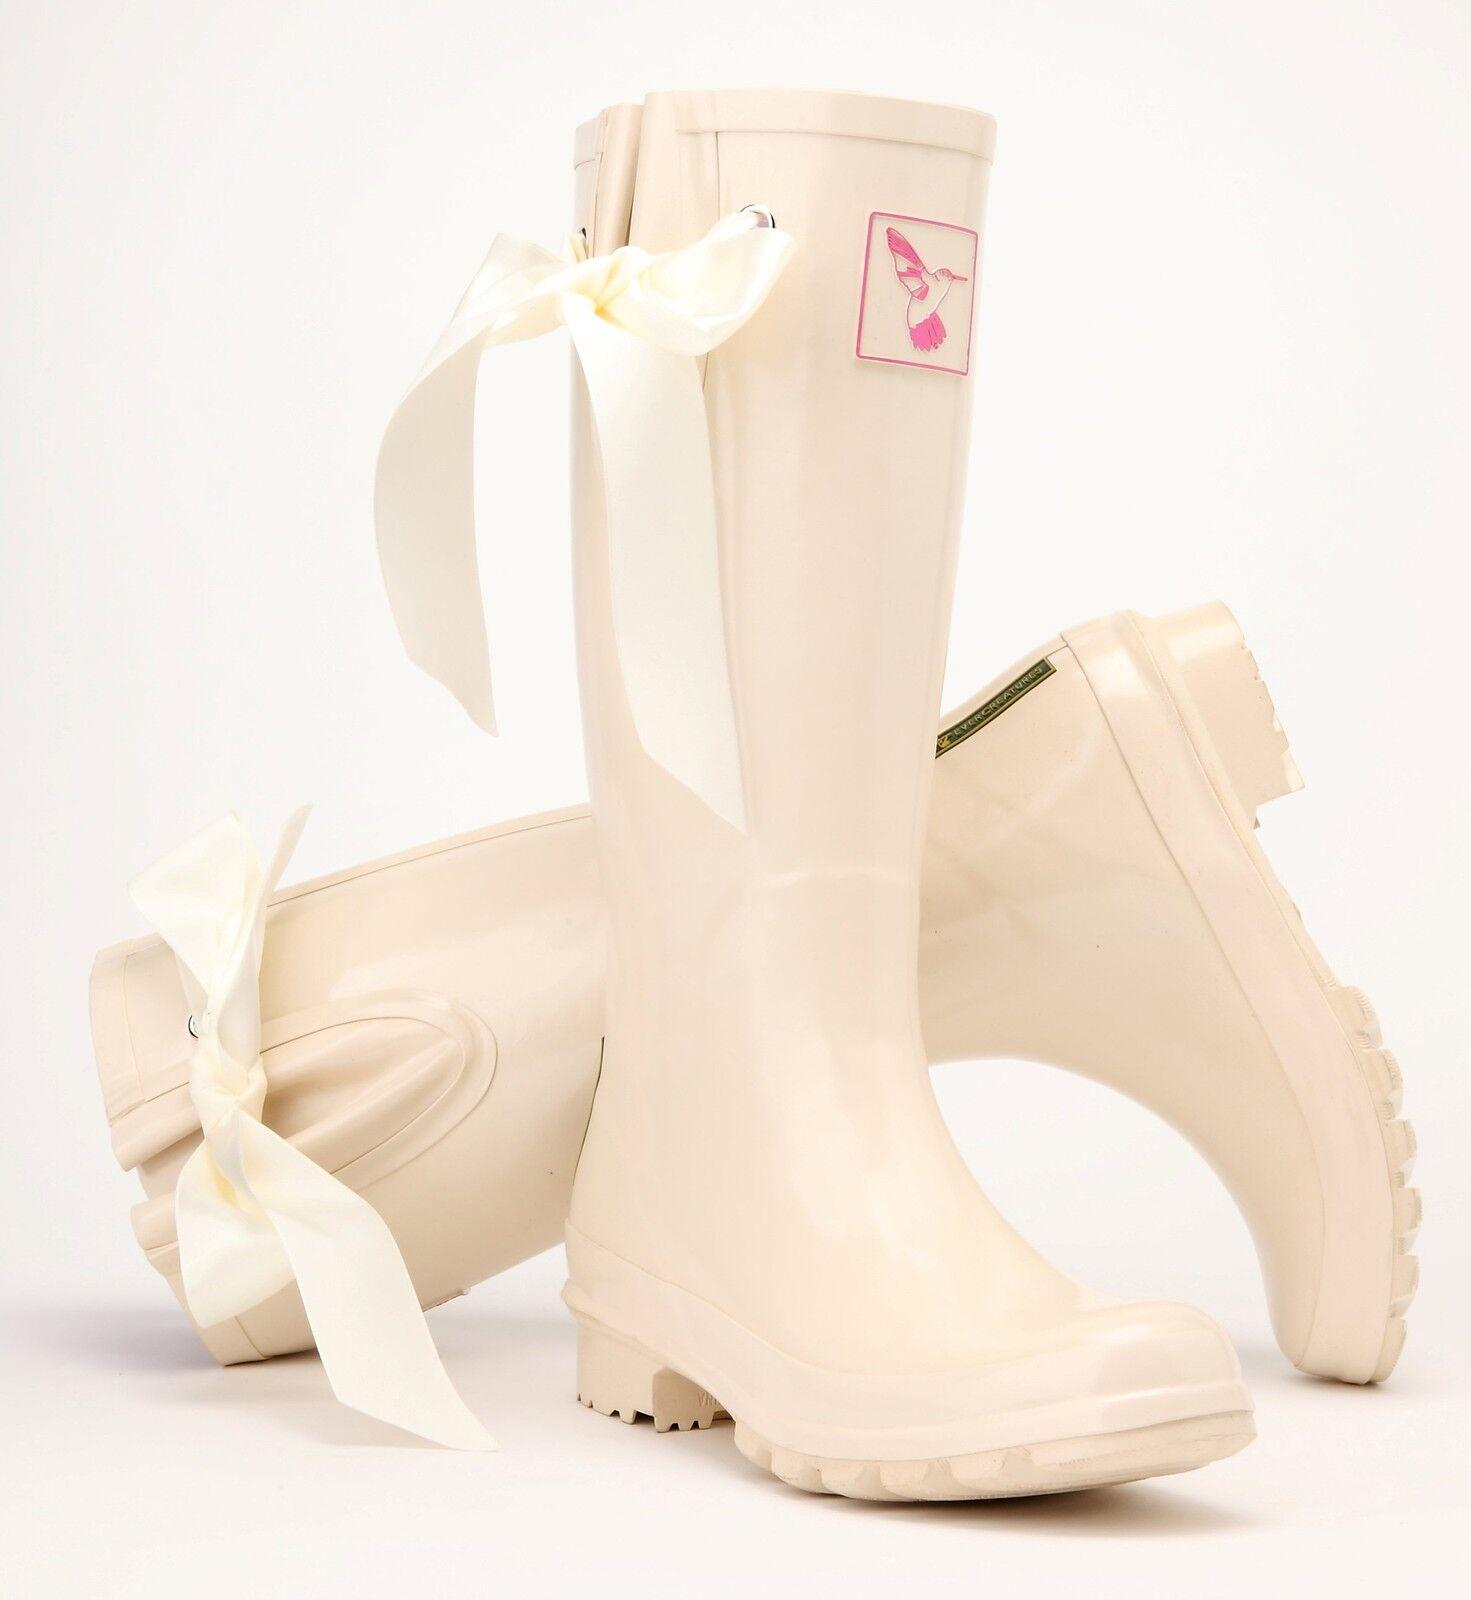 mesdames evercreatures mariée crème - bottes - mariage wellington bottes wellington mariage 631357